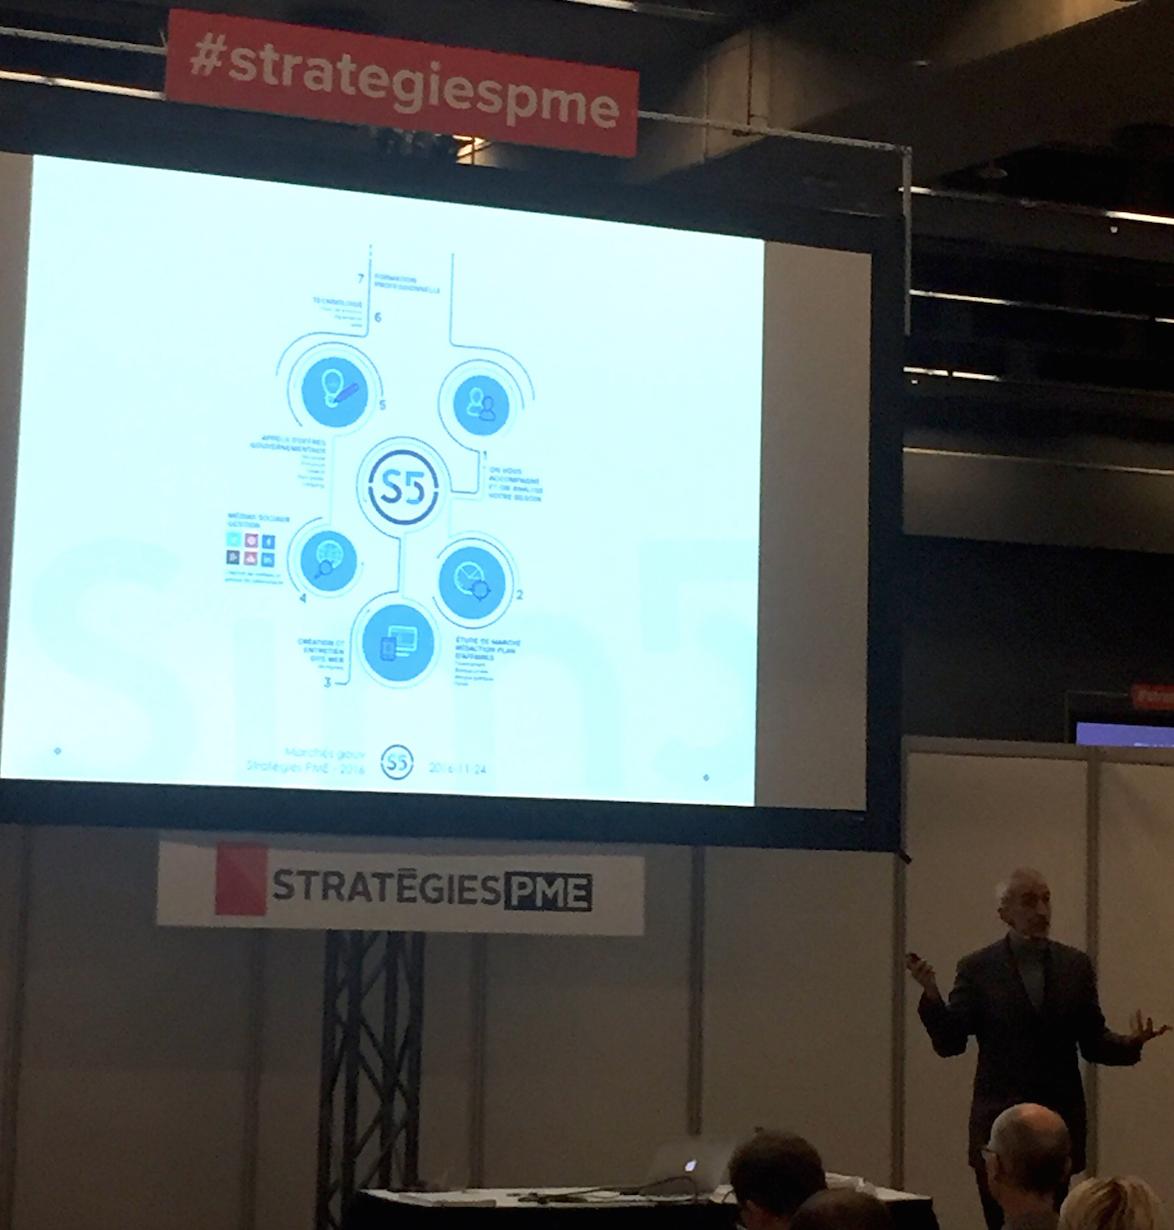 Schéma lors de la conférence sur les stratégies PME